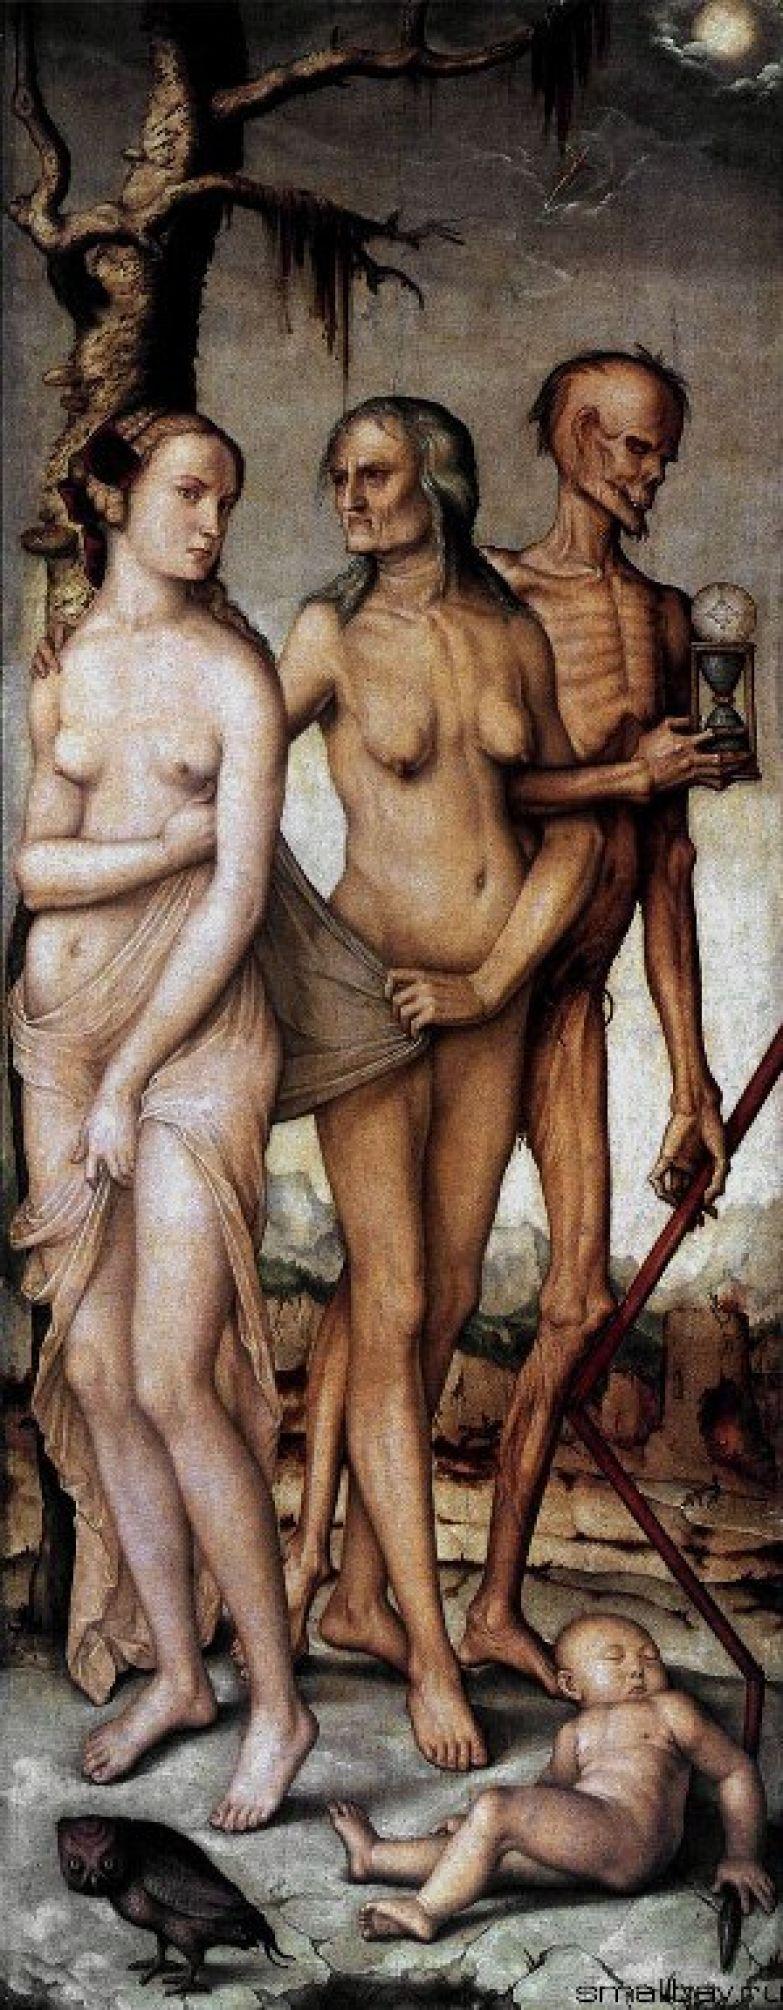 Ганс Бальдунг. Три возраста женщины и Смерть. 1509-11